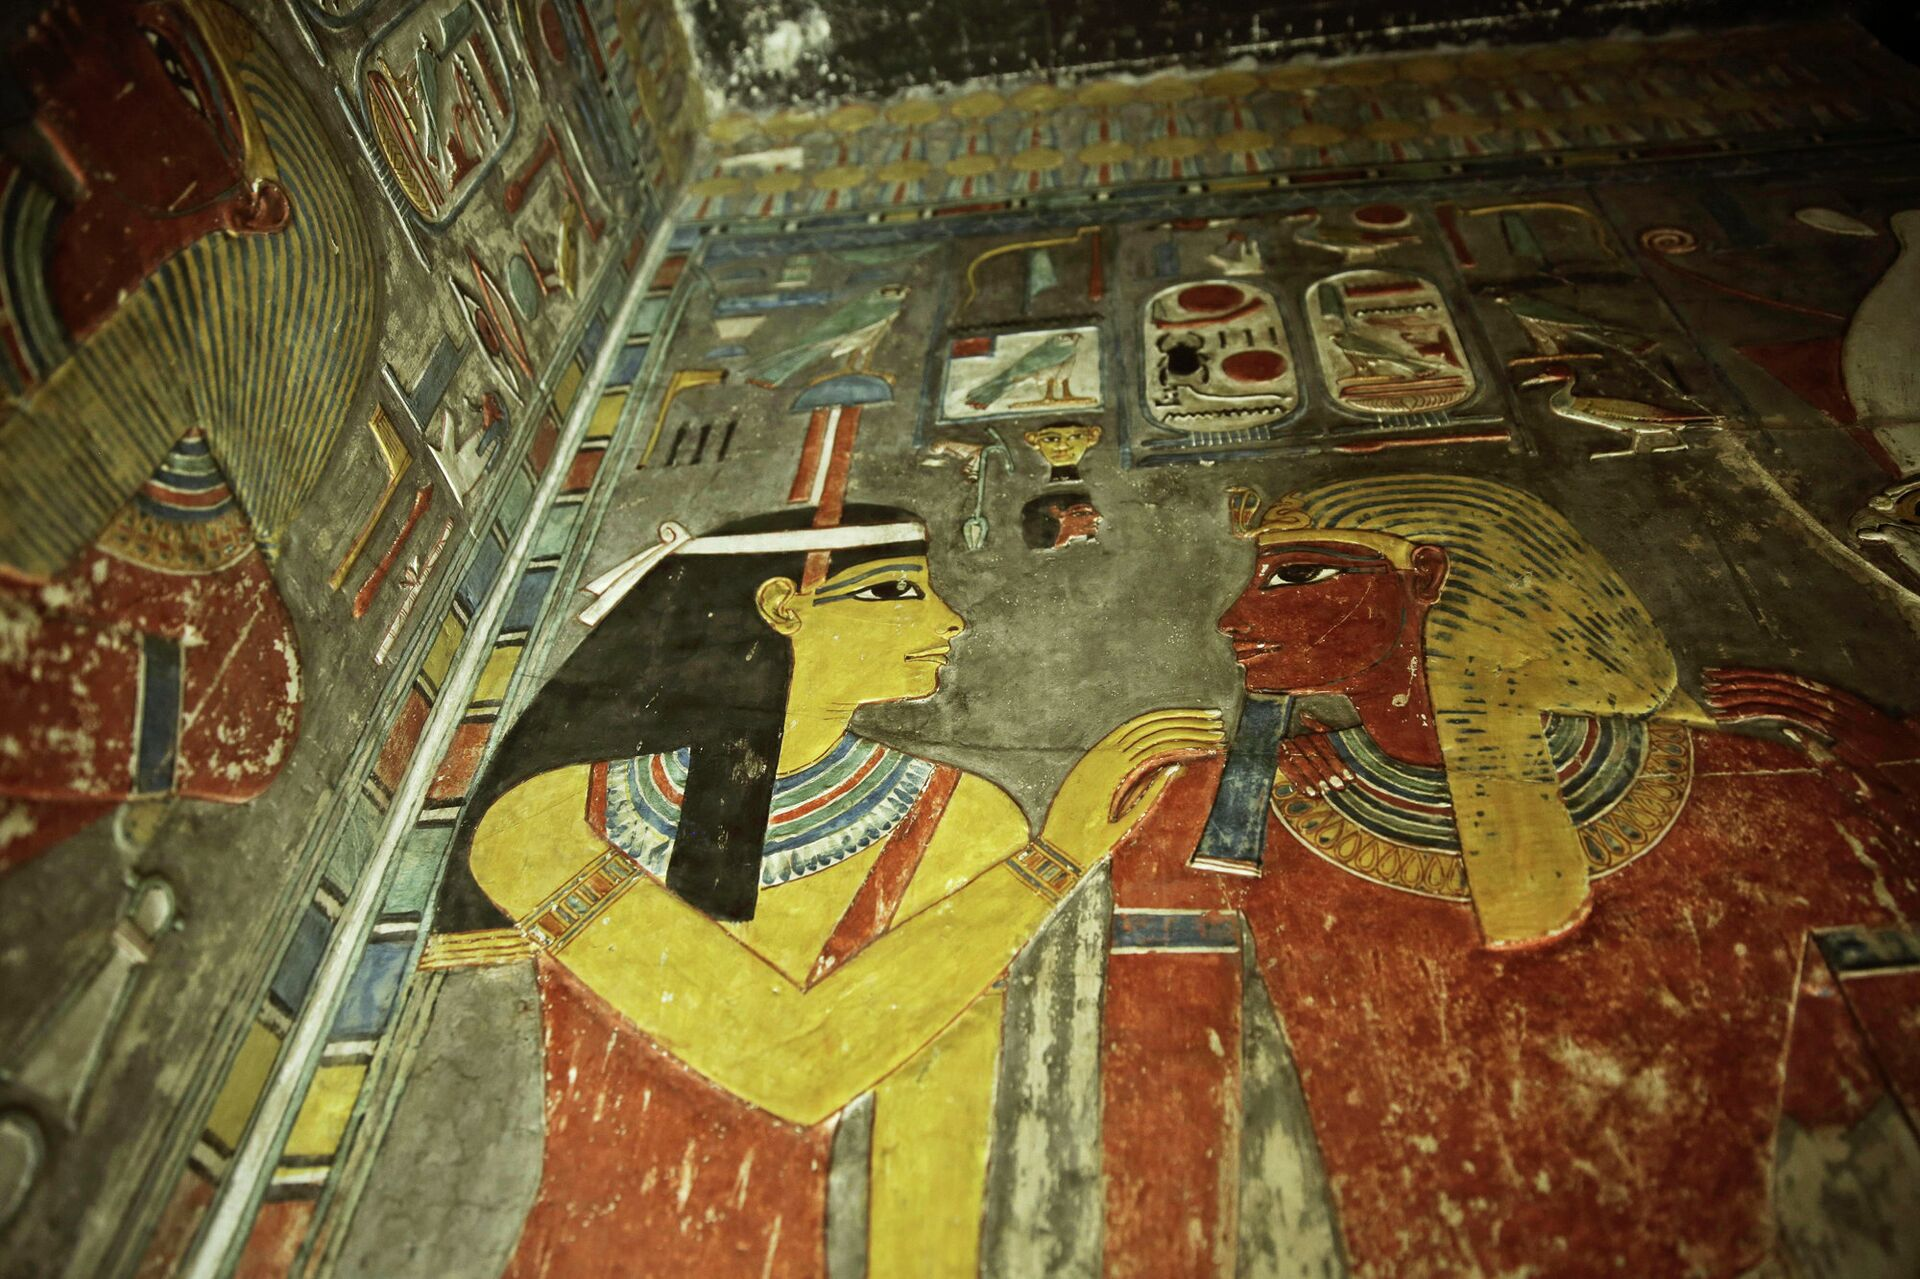 Гробница Тутанхамона в Египте - РИА Новости, 1920, 19.10.2020